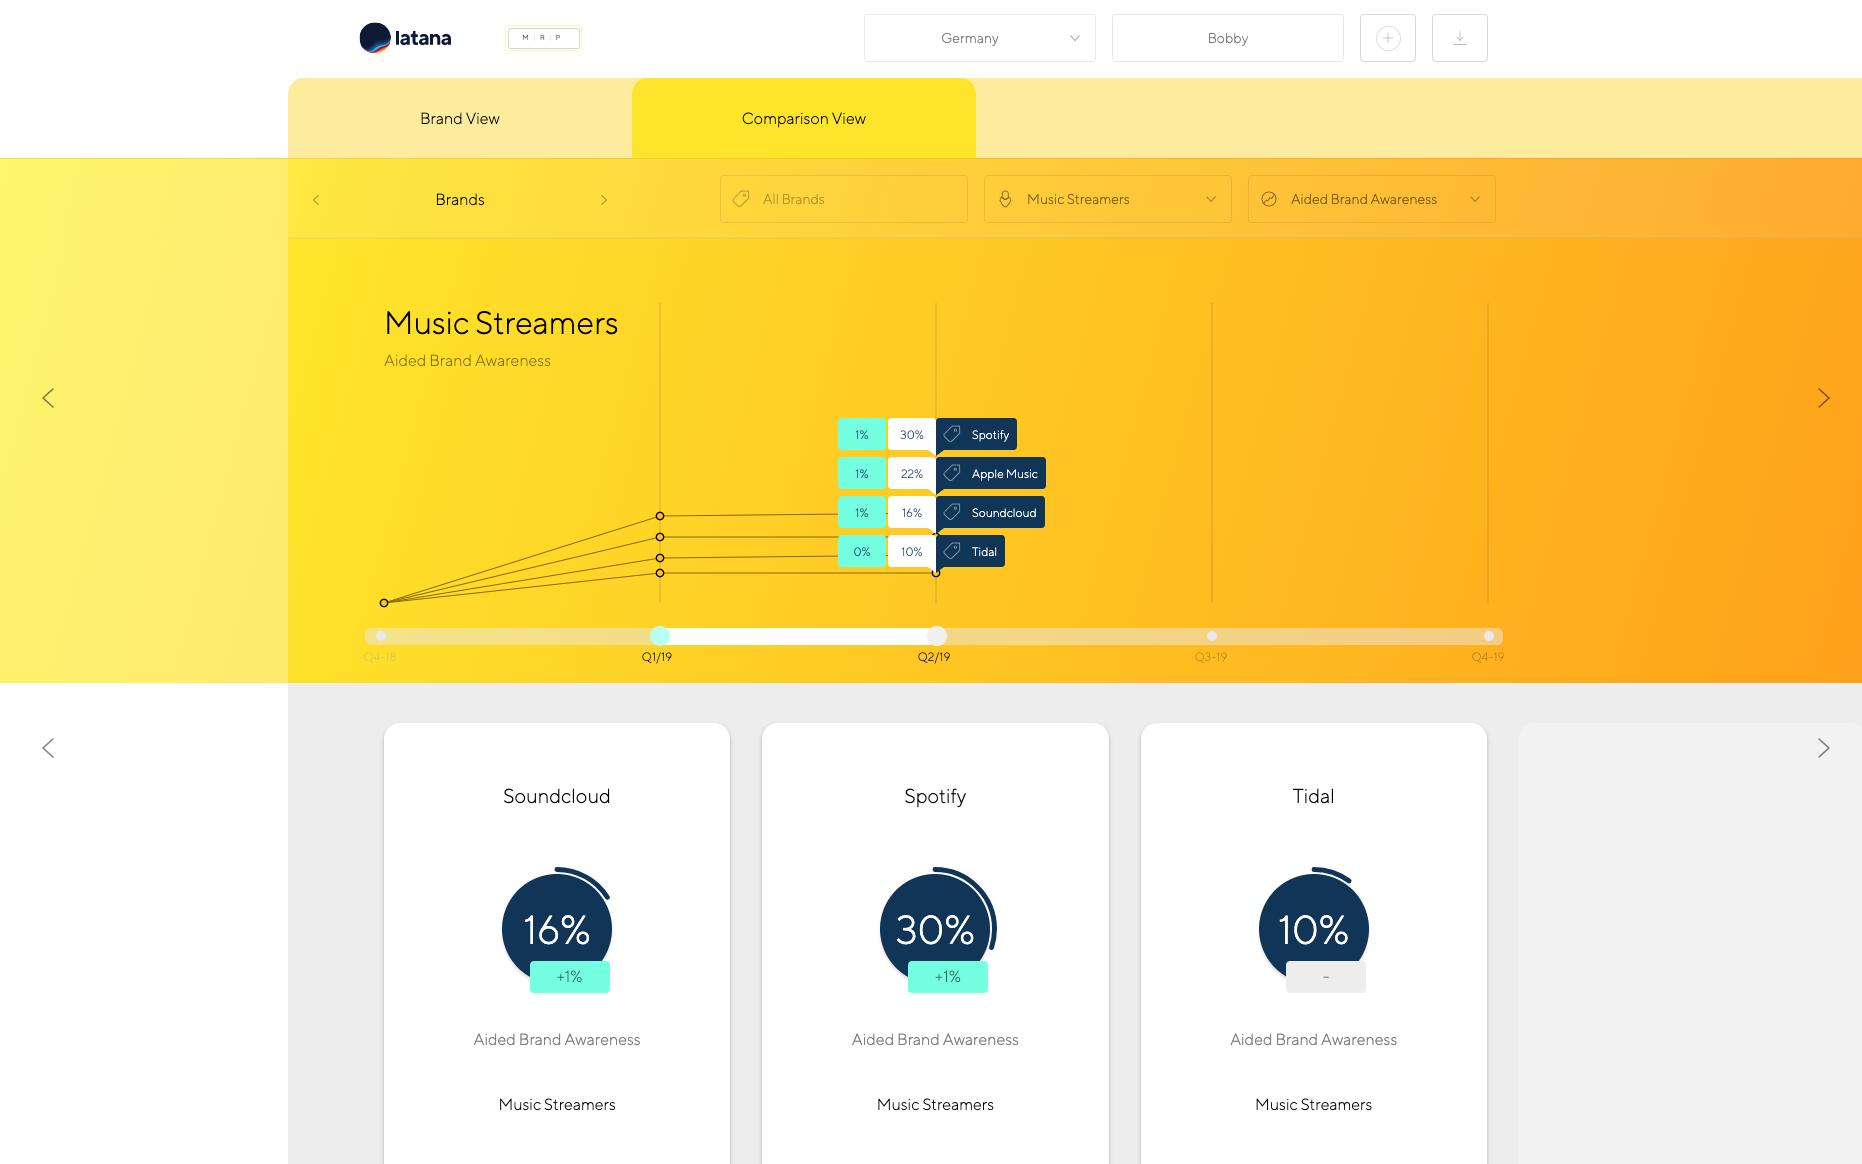 Latana brand analytics comparison view chart